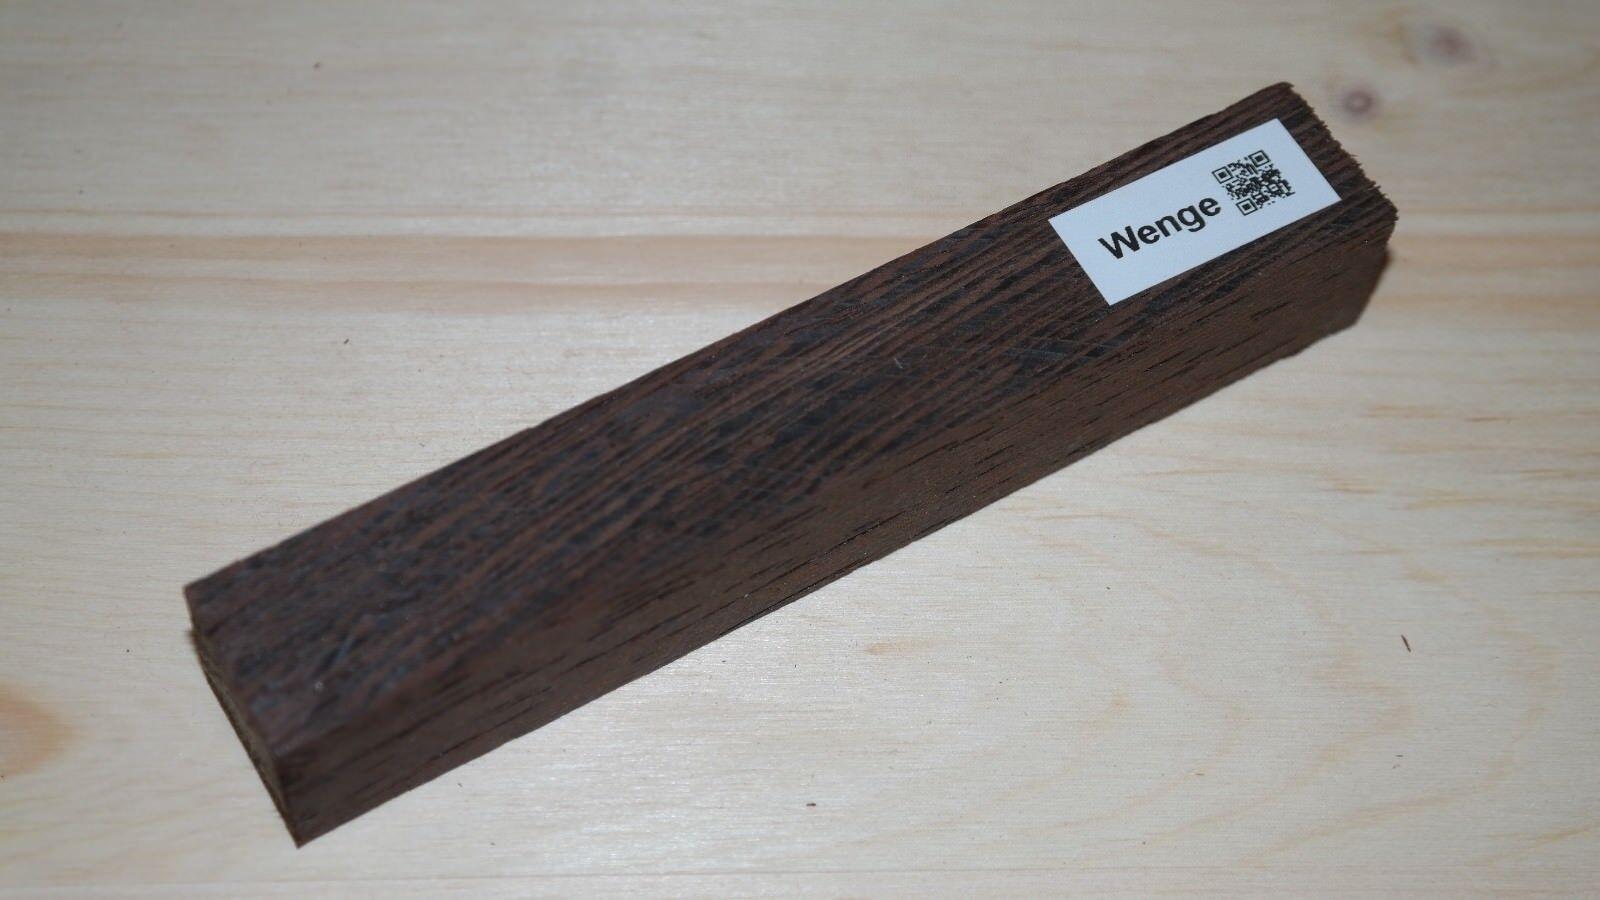 Woodturning Wenge Penblank Pen Noble Woodturning Wood Tonewood Jewelry Wood